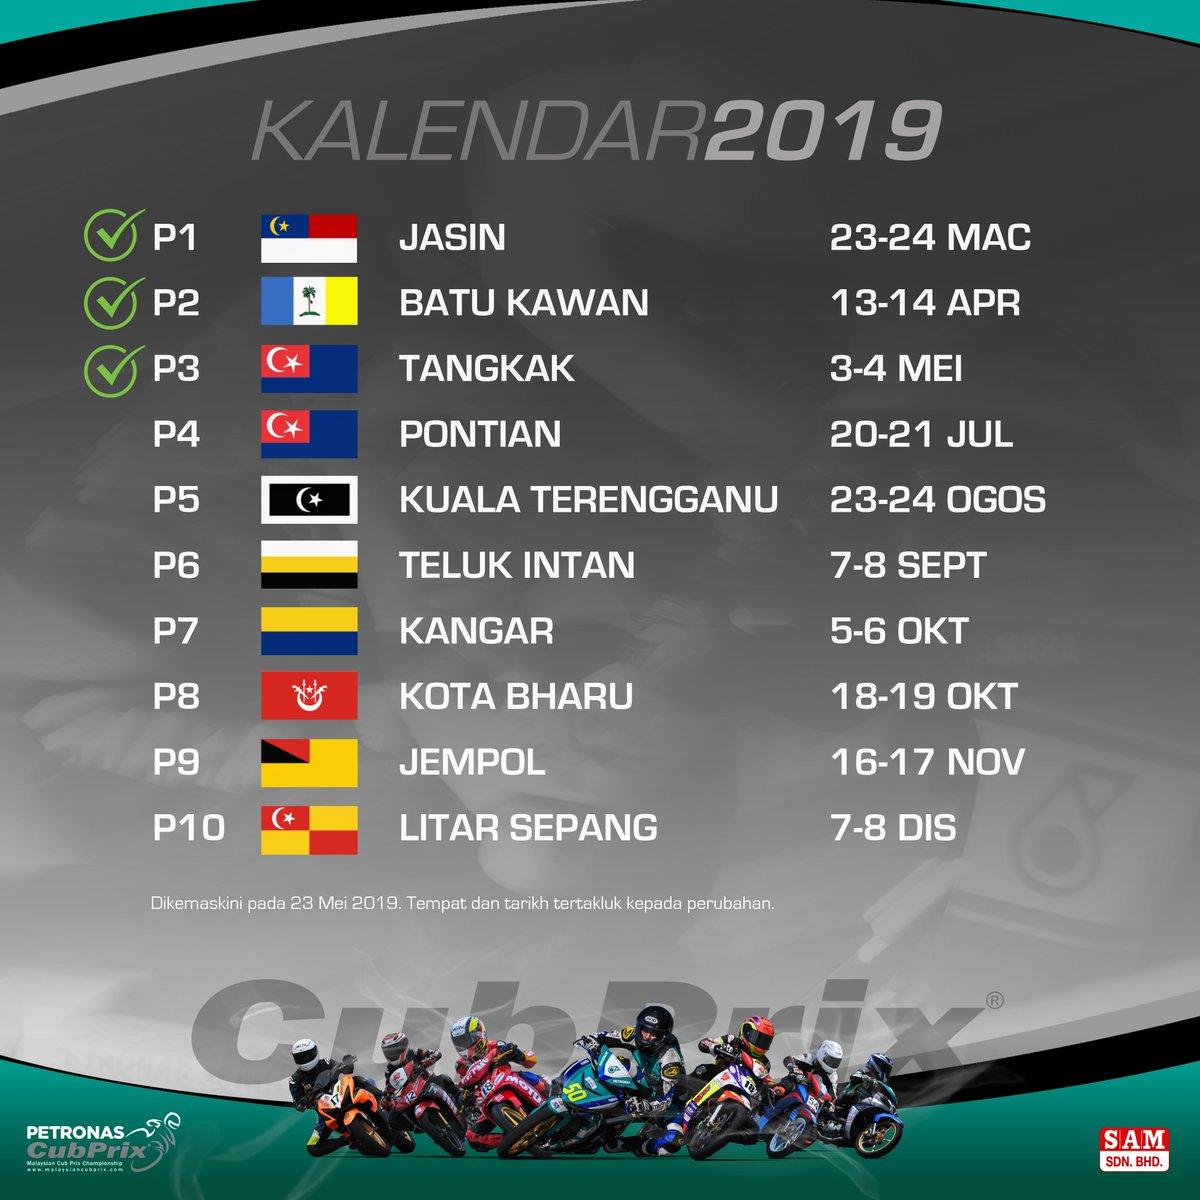 ⚠️Sila ambil perhatian ⚠️ Semua lokasi bagi Kalendar #CubPrix 2019 telah ditentukan. #petronasmotorsports